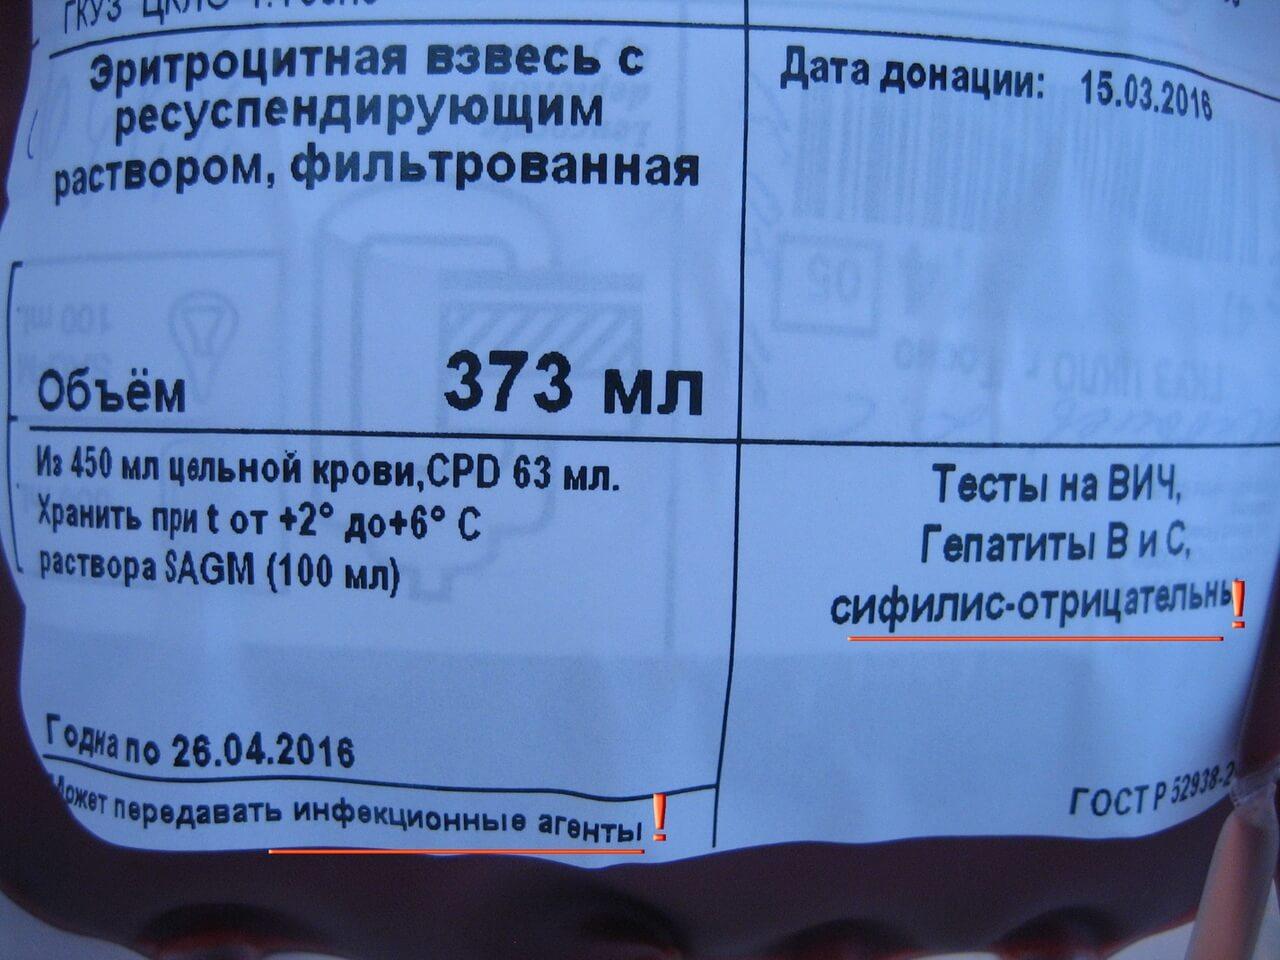 """Минюст России предложил усилить ответственность врачей за переливание """"заражённой"""" донорской крови. Замминистра ведомства Алу Алханов заявил, что за нарушения в работе трансфузиологической службы необходимо наказывать строже."""